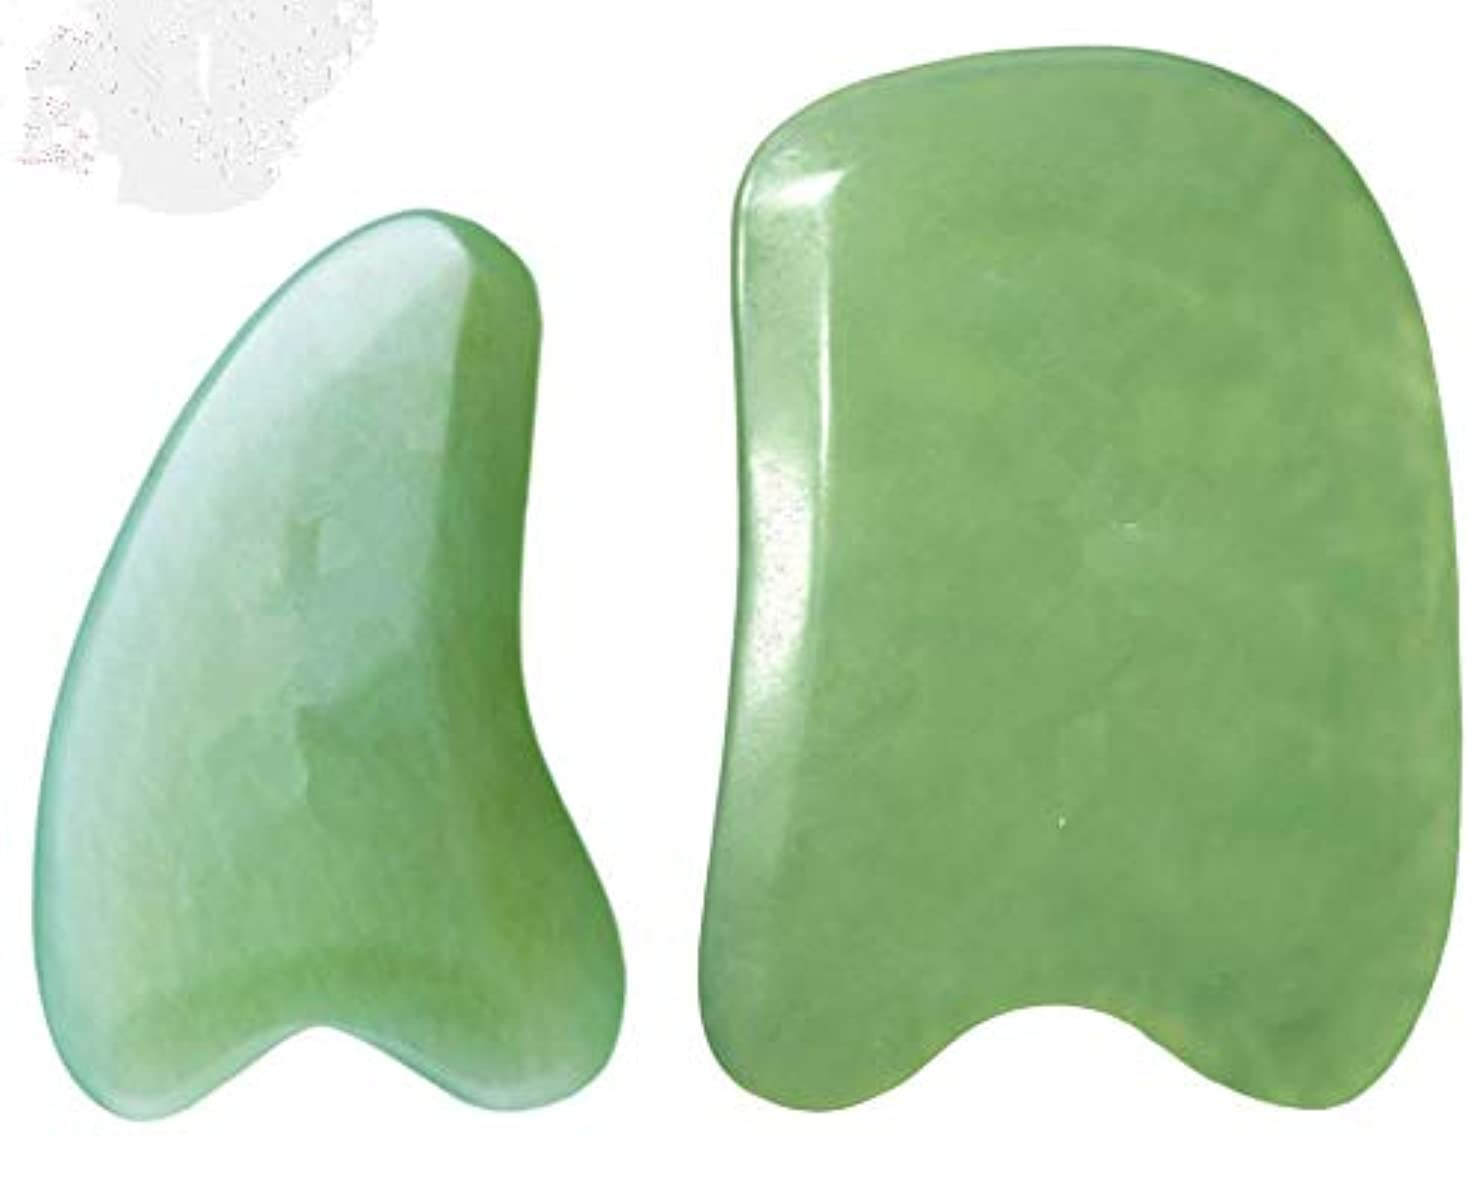 ブロック電気陽性開示する2点セット2pcsFace / Body Massage Natural Jade Gua Sha Boardかっさプレート 天然石 翡翠(顔?ボディのリンパマッサージ)